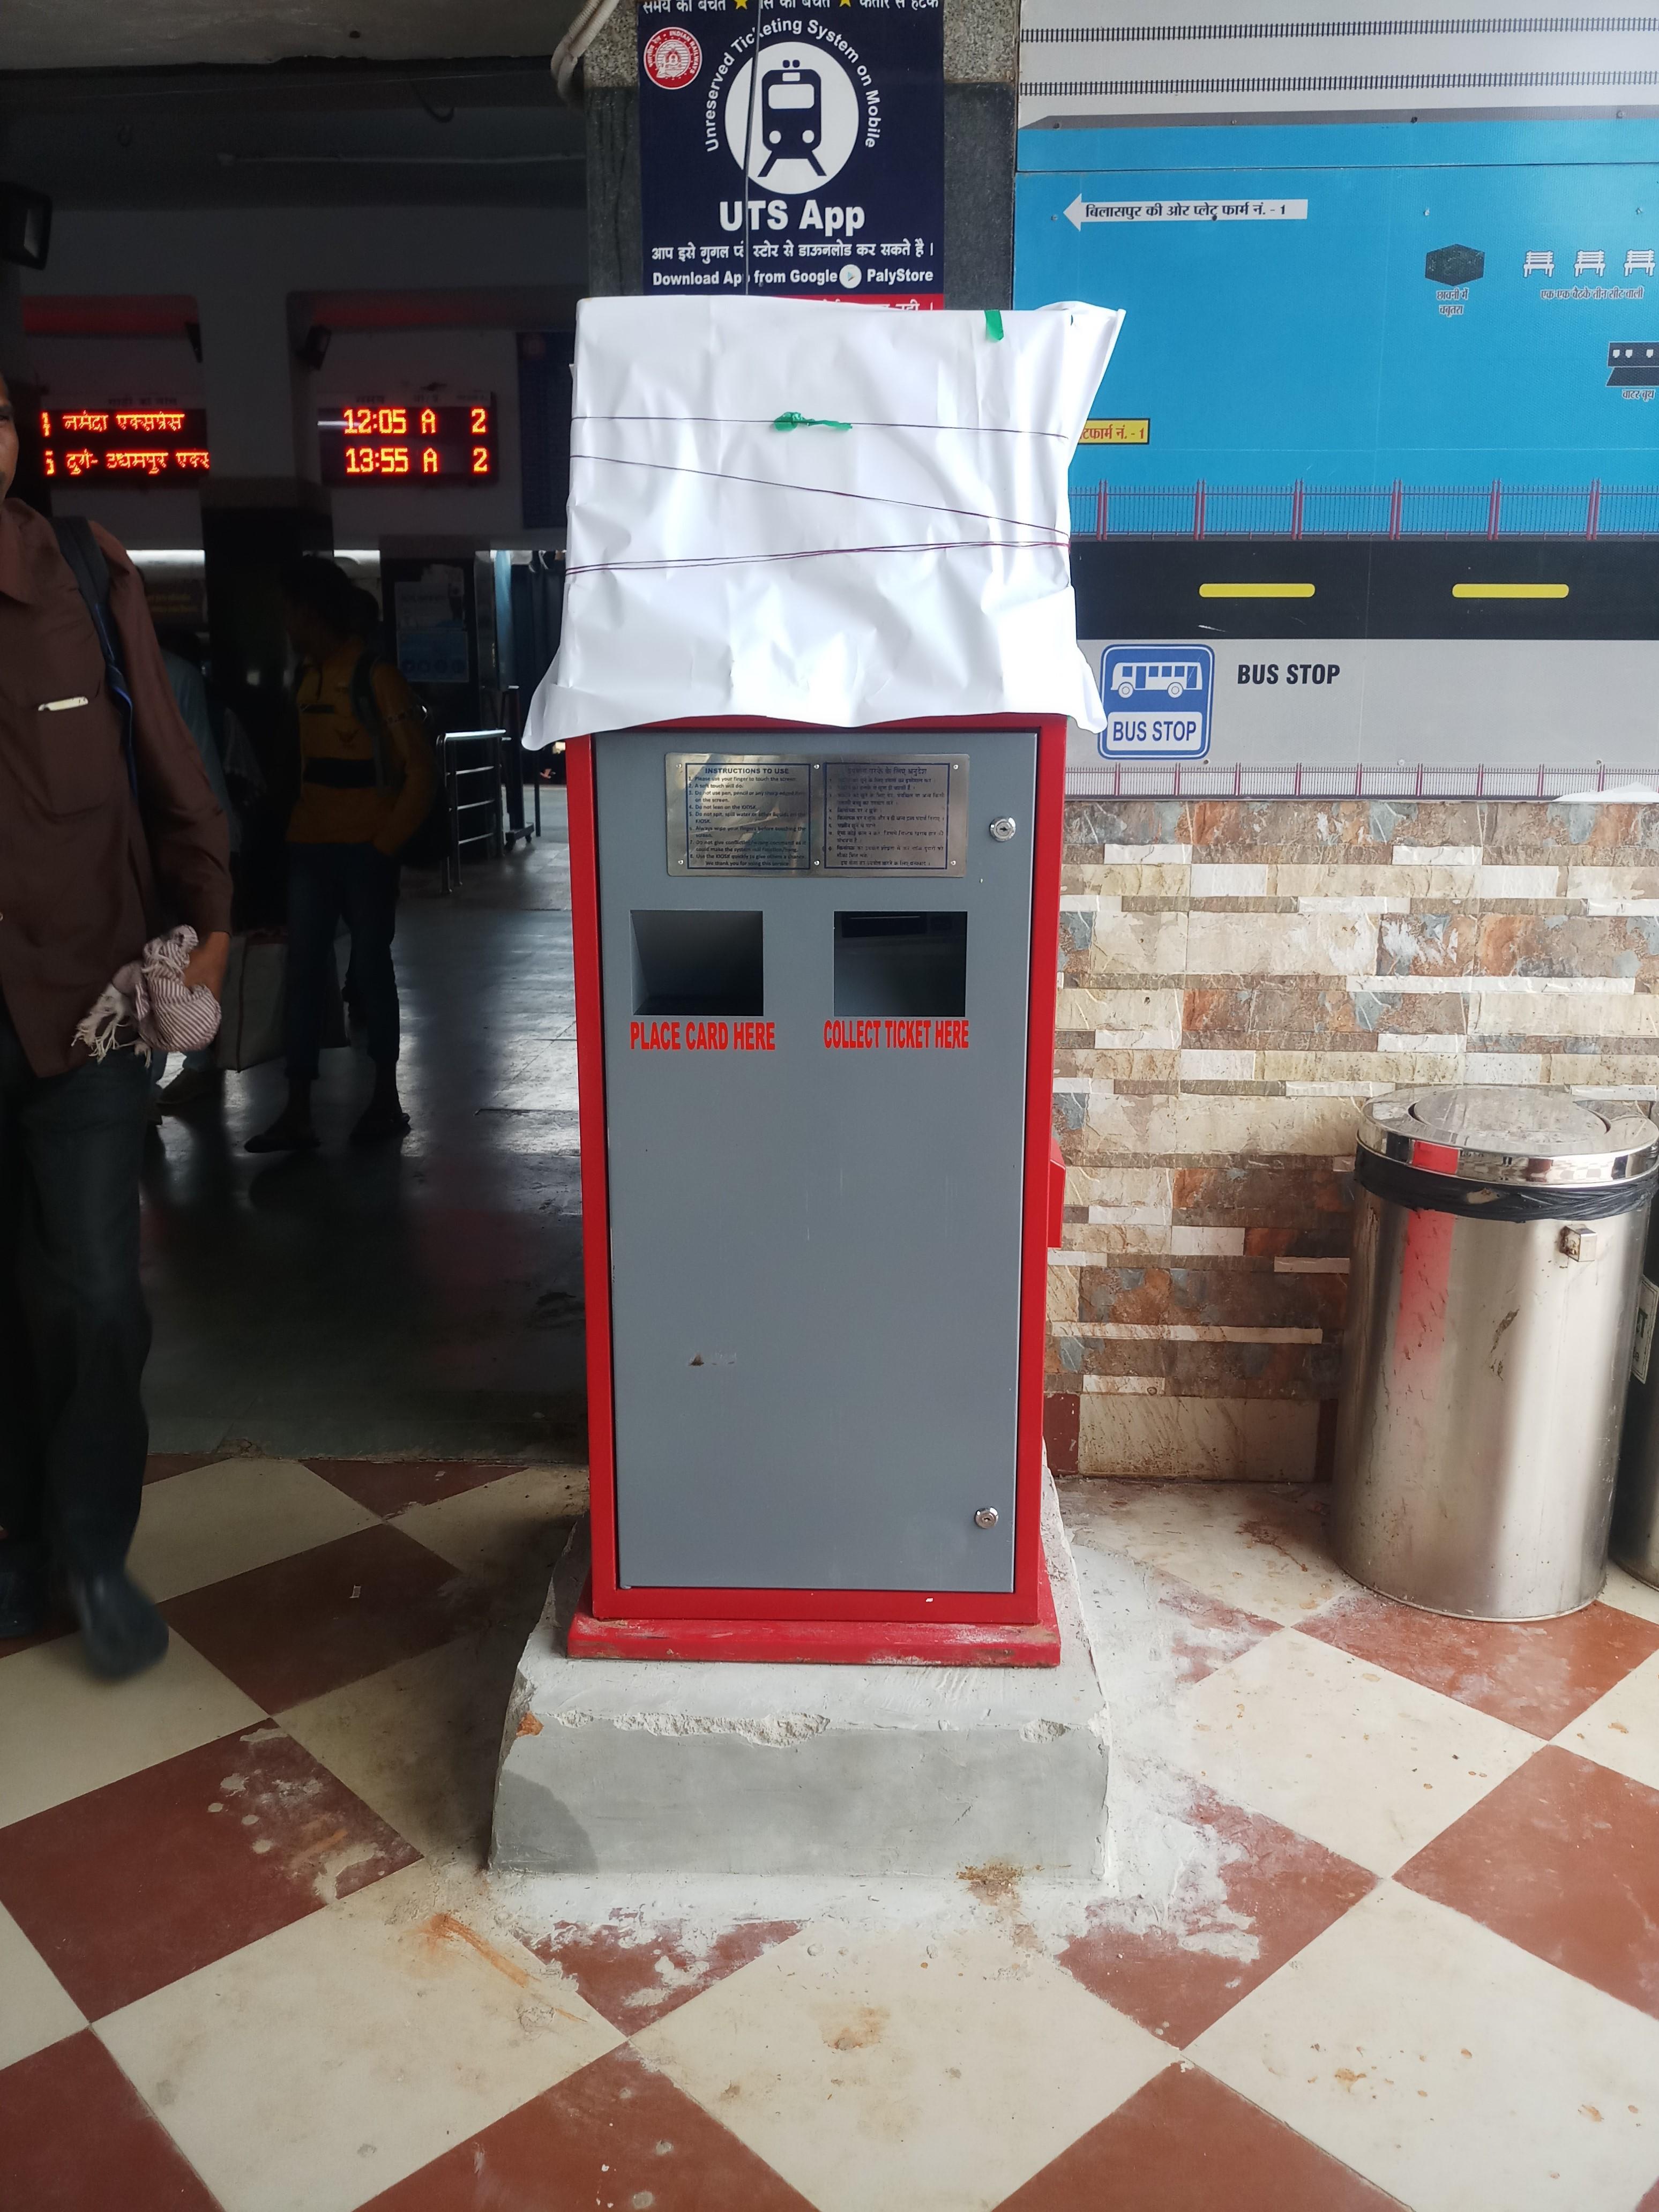 Bilaspur Railway News: मंडल के 16 स्टेशनों में लगेंगी 29 आटोमेटिकटिकट मशीनें